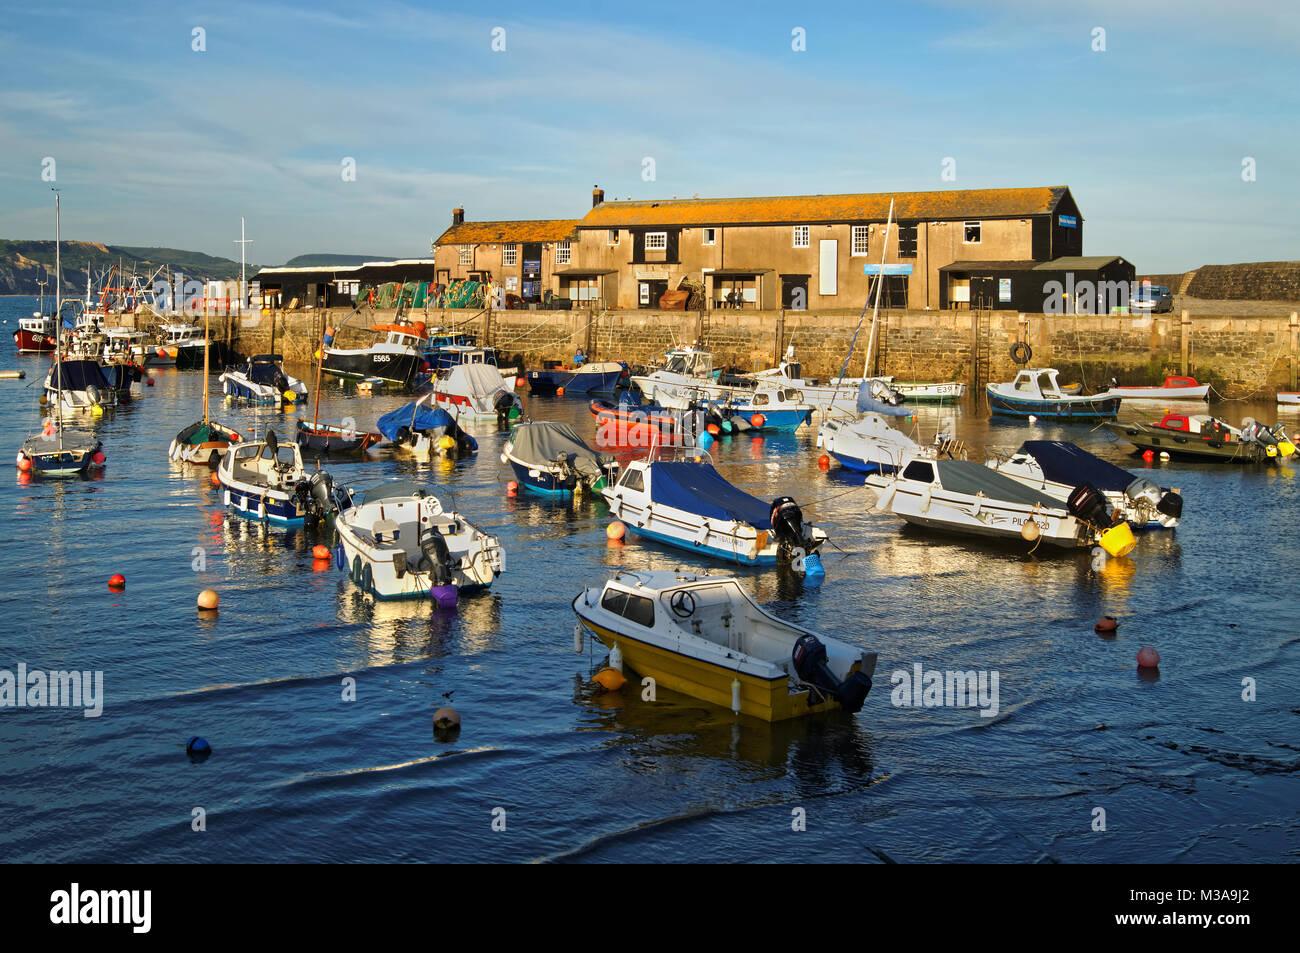 UK,Dorset,Lyme Regis,The Harbour & Aquarium - Stock Image